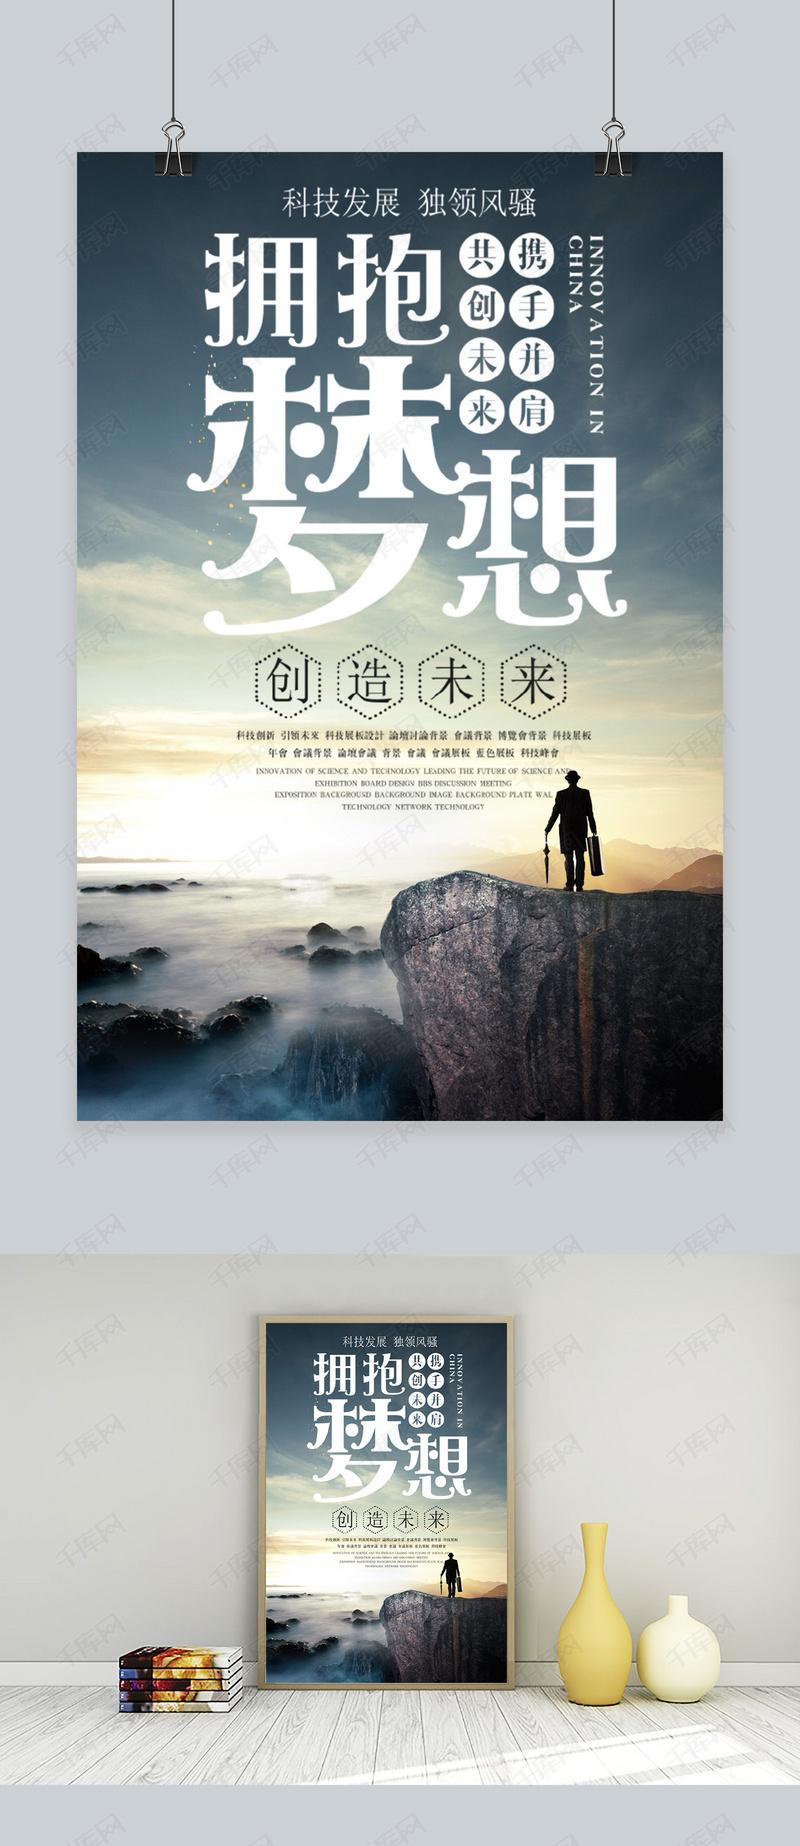 千库原创企业公司文化梦想拼搏团结宣传海报